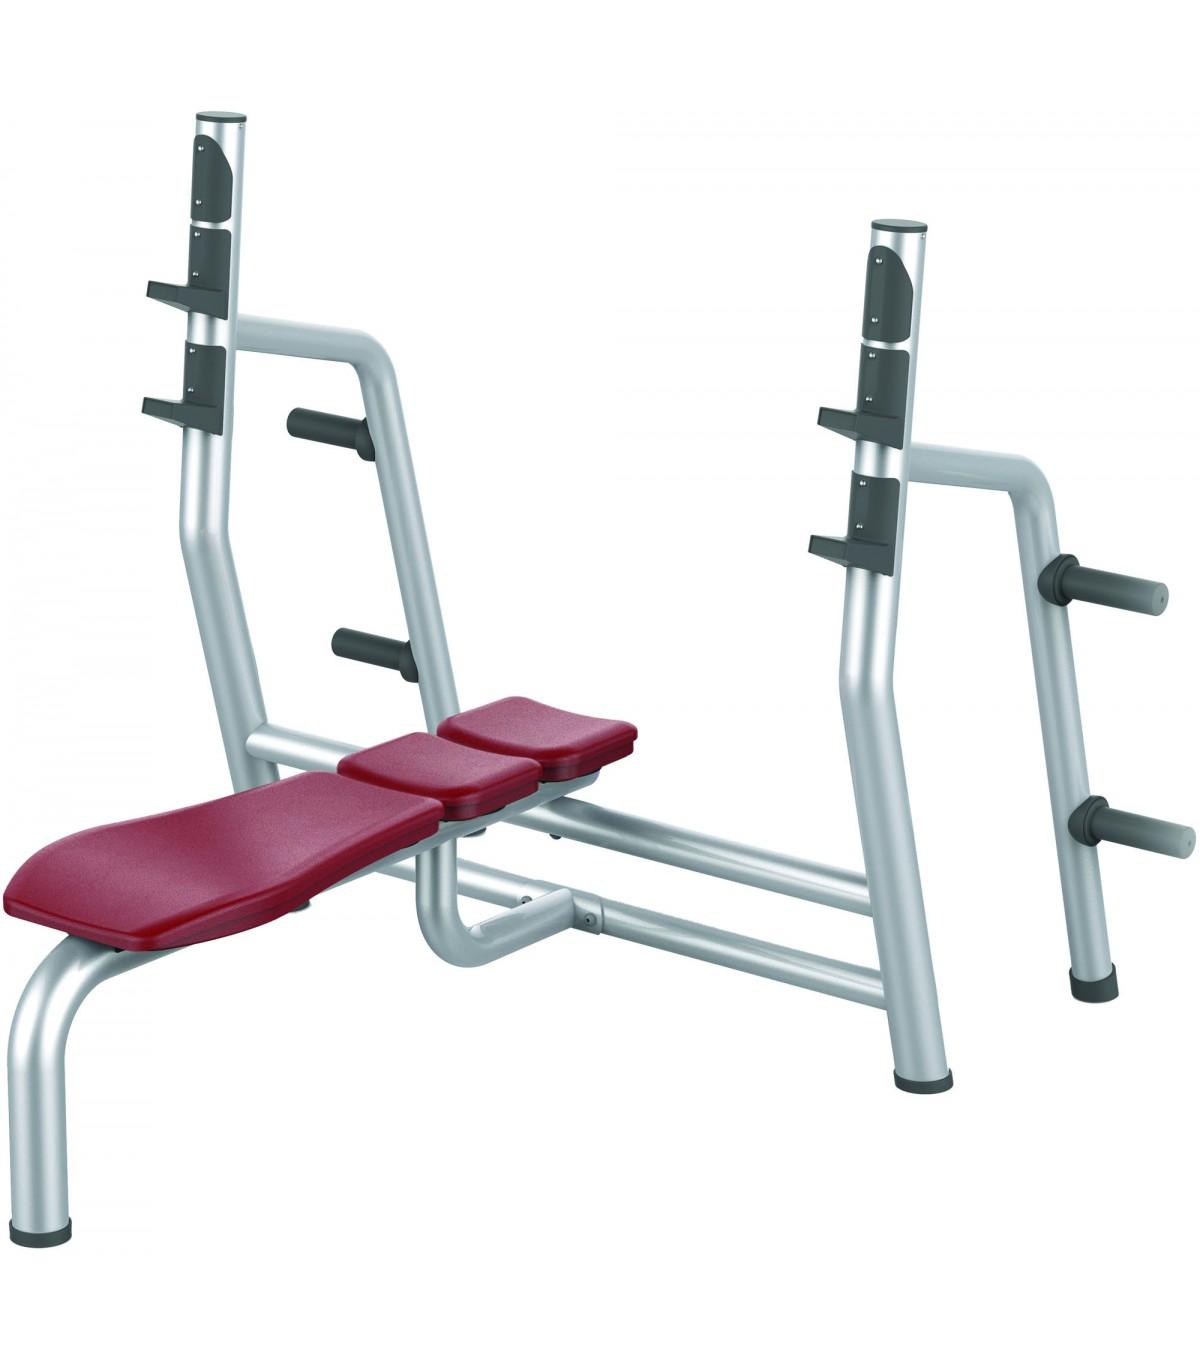 Banc De Musculation Professionnel Développé Couché Care Fitness